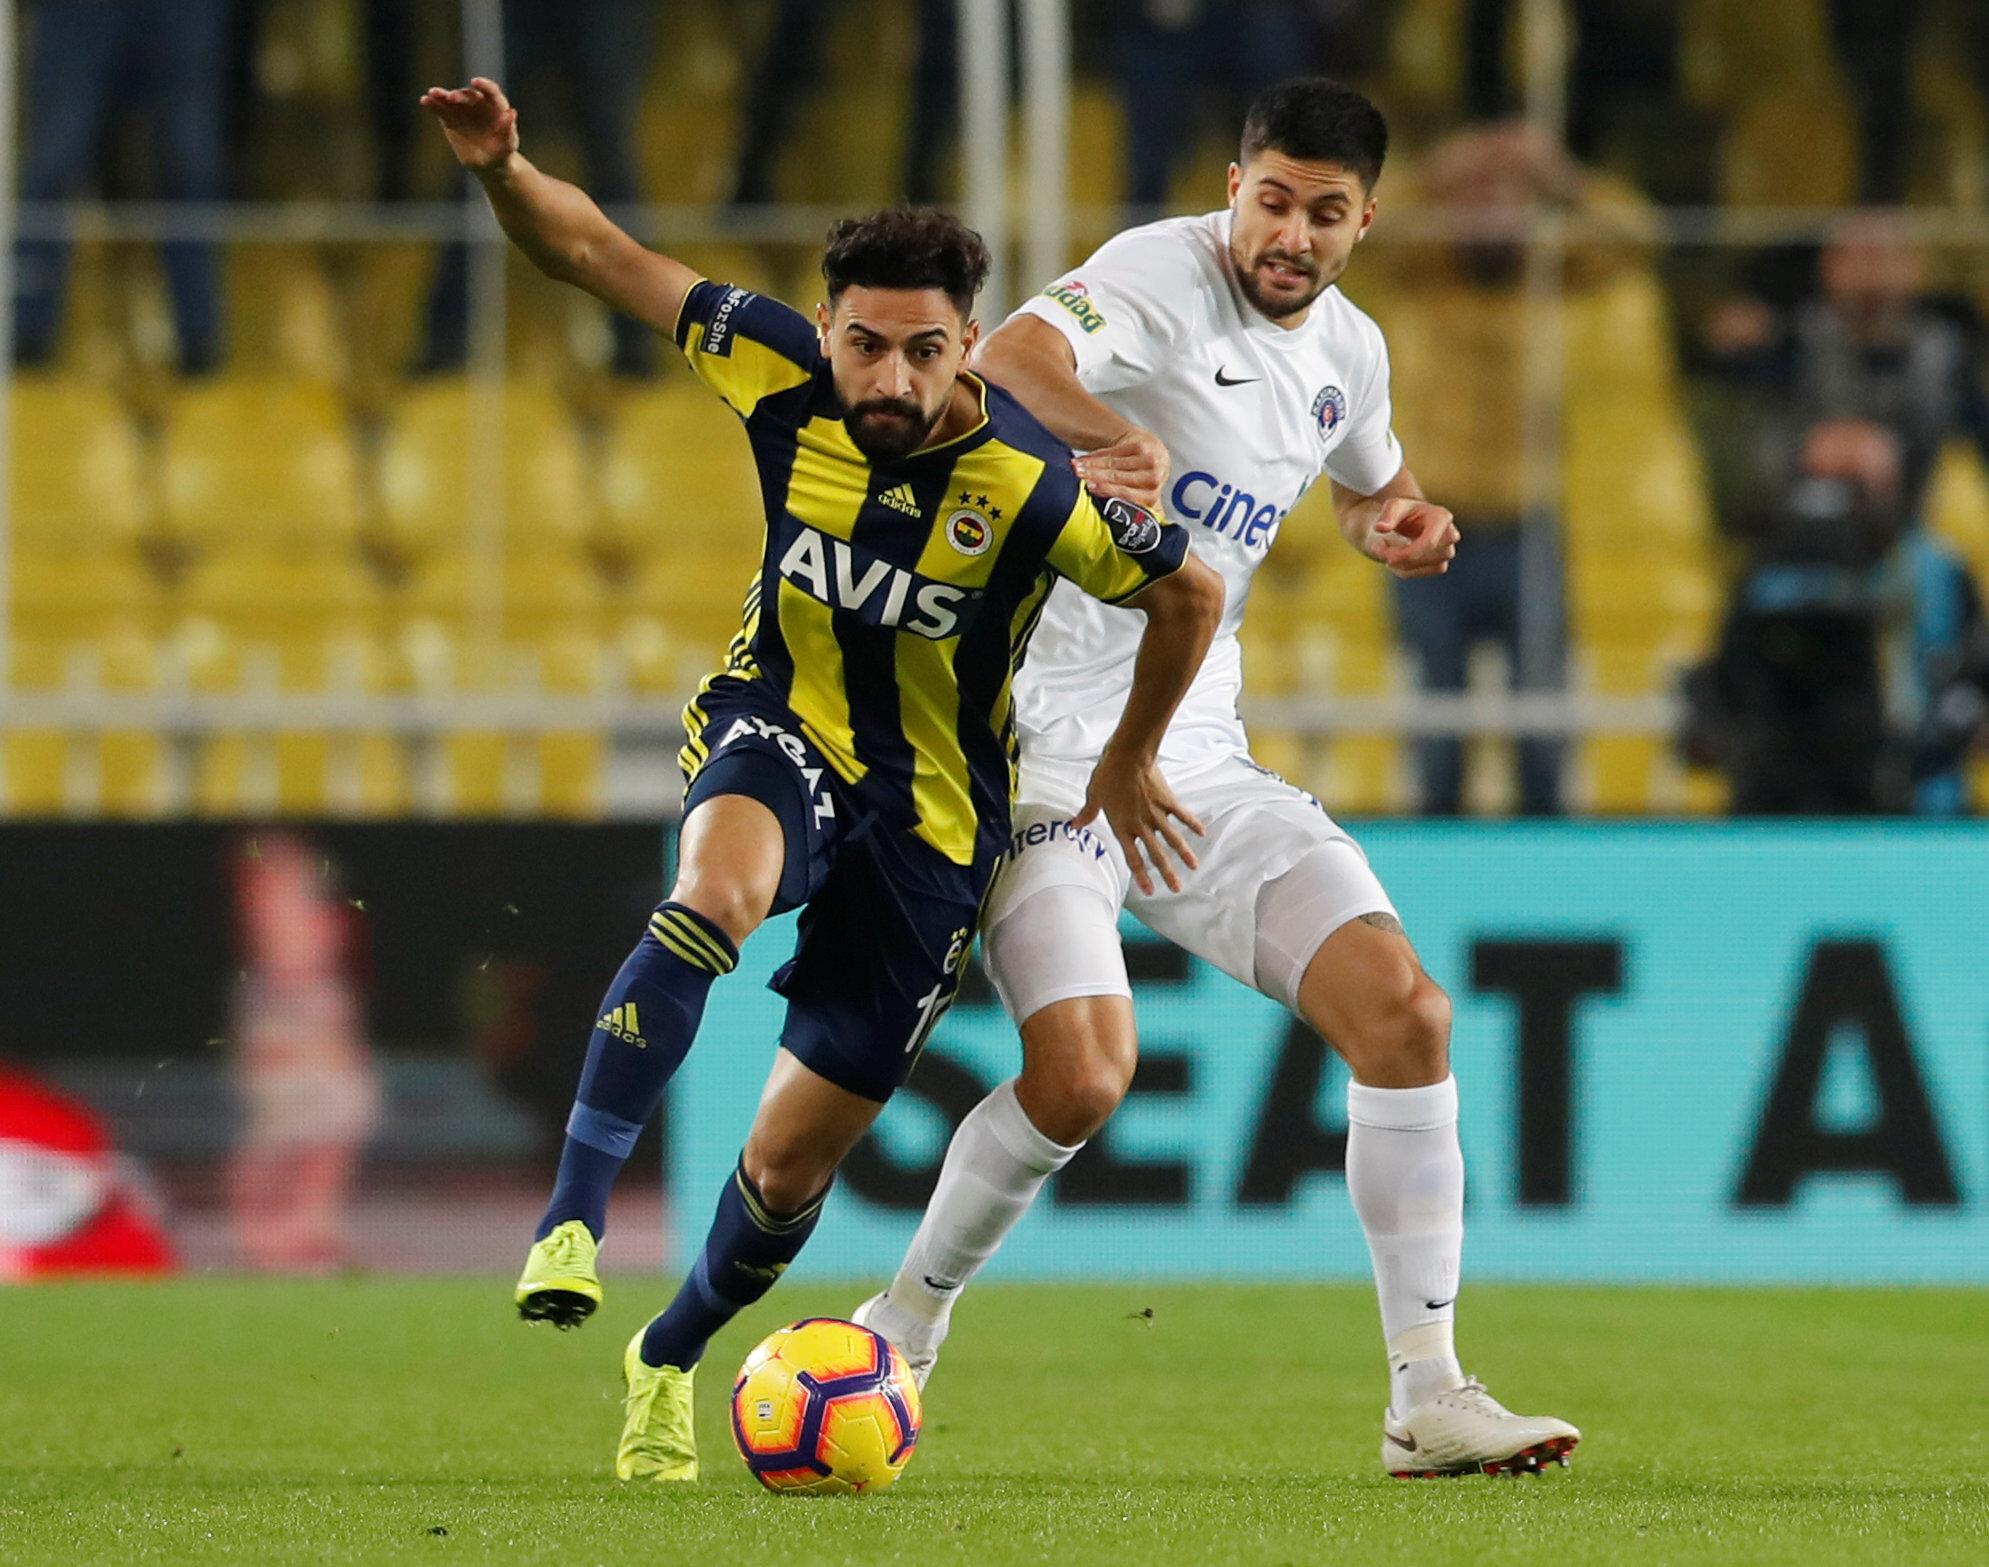 Fenerbahçe'de 10 hafta sonra 11'de şans bulan Mehmet Ekici, orta sahadaki ikili mücadelelerde etkisiz bir görüntü sergiledi.